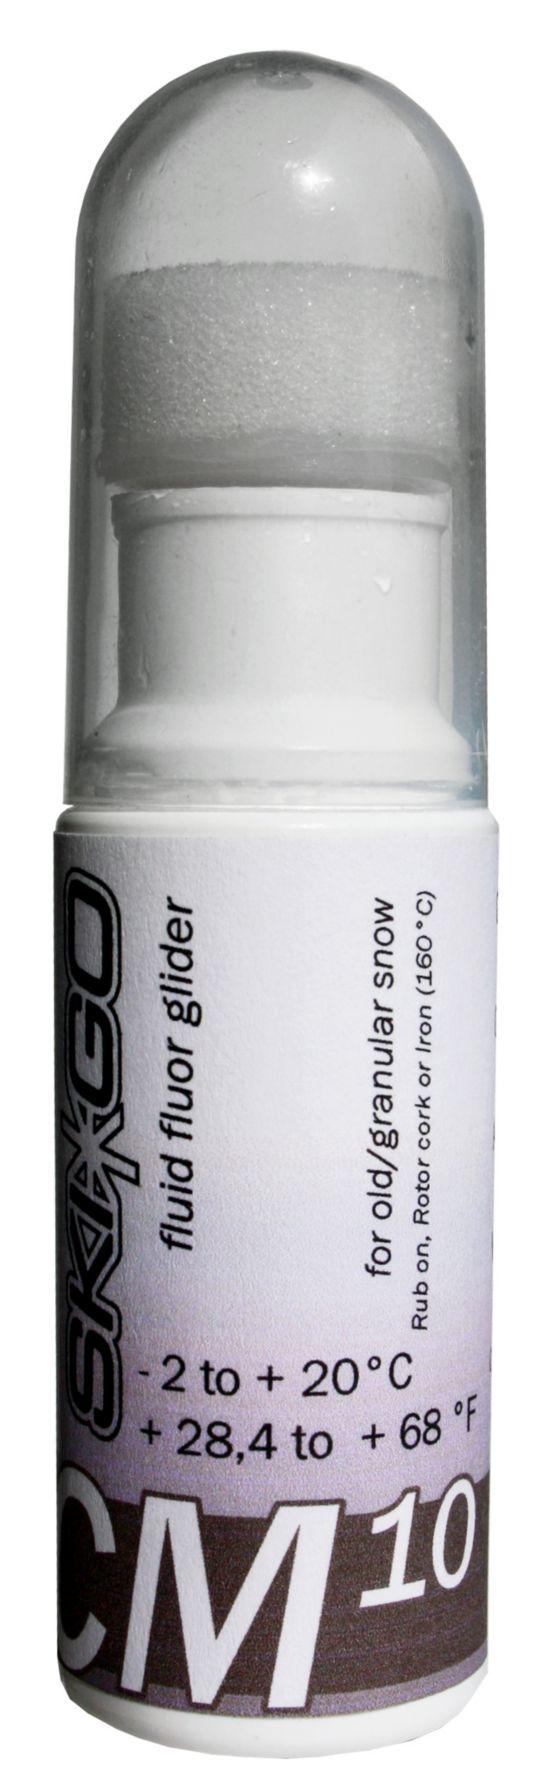 Fluor Flytende Fluid Cm 10 Mic